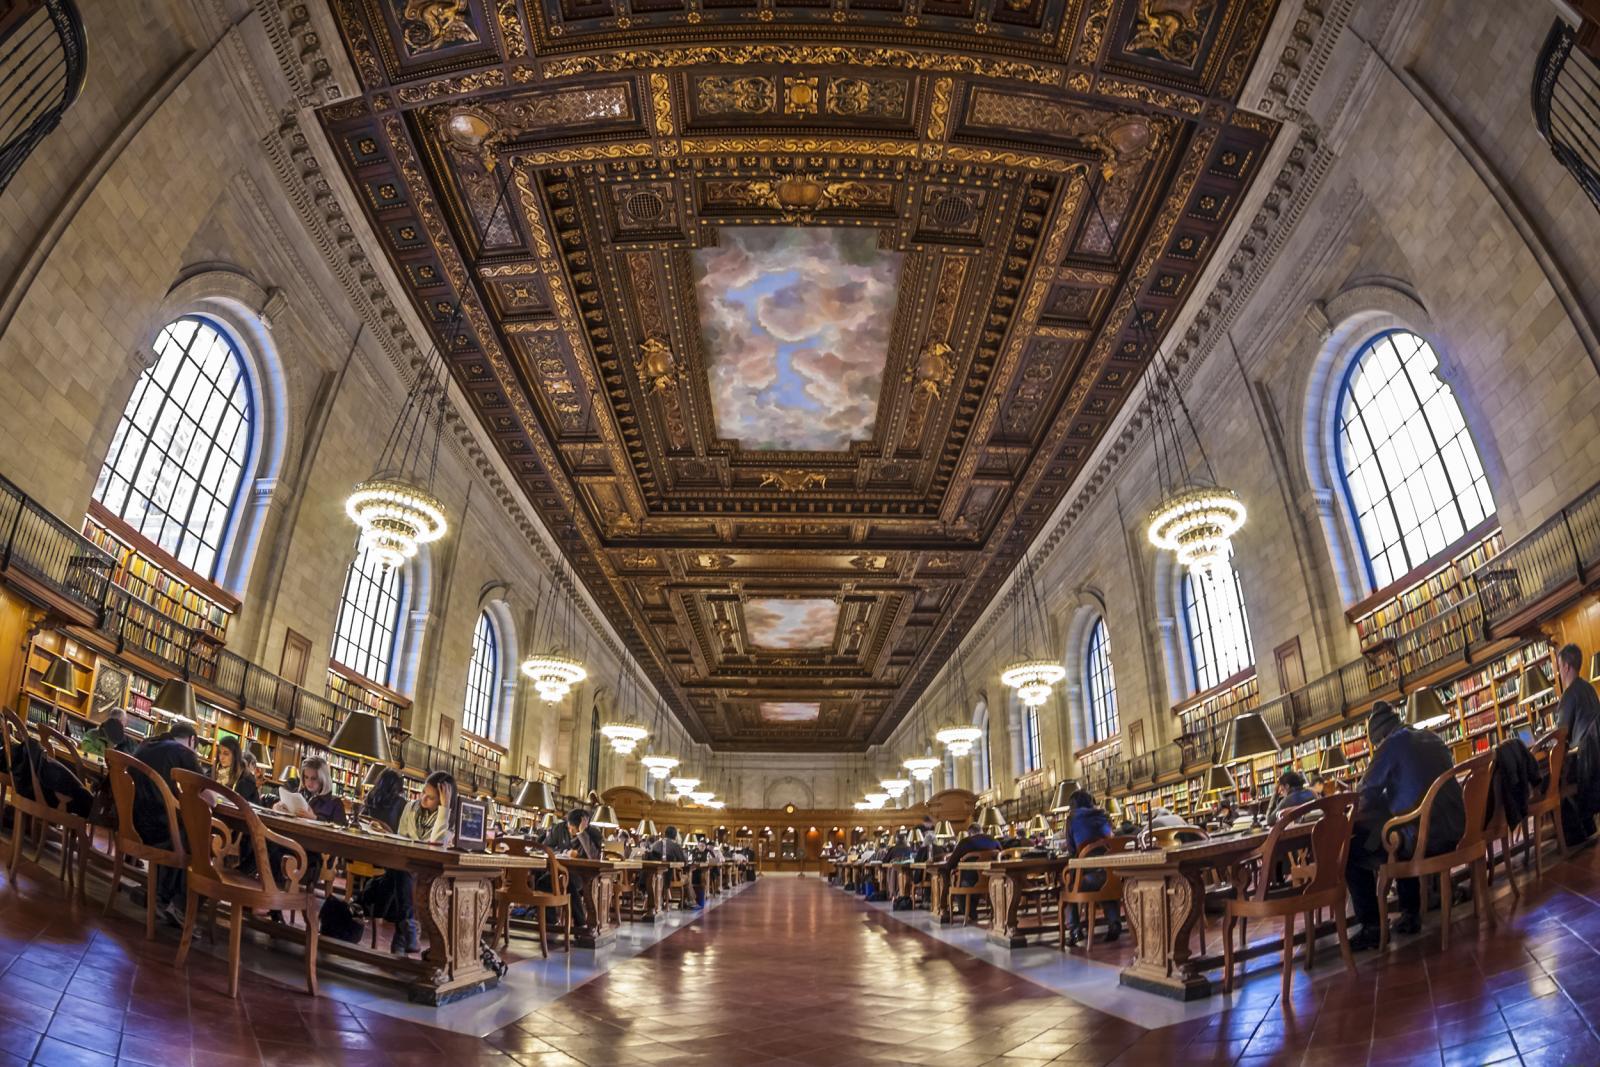 Visita la Biblioteca Pública gratis en Nueva York